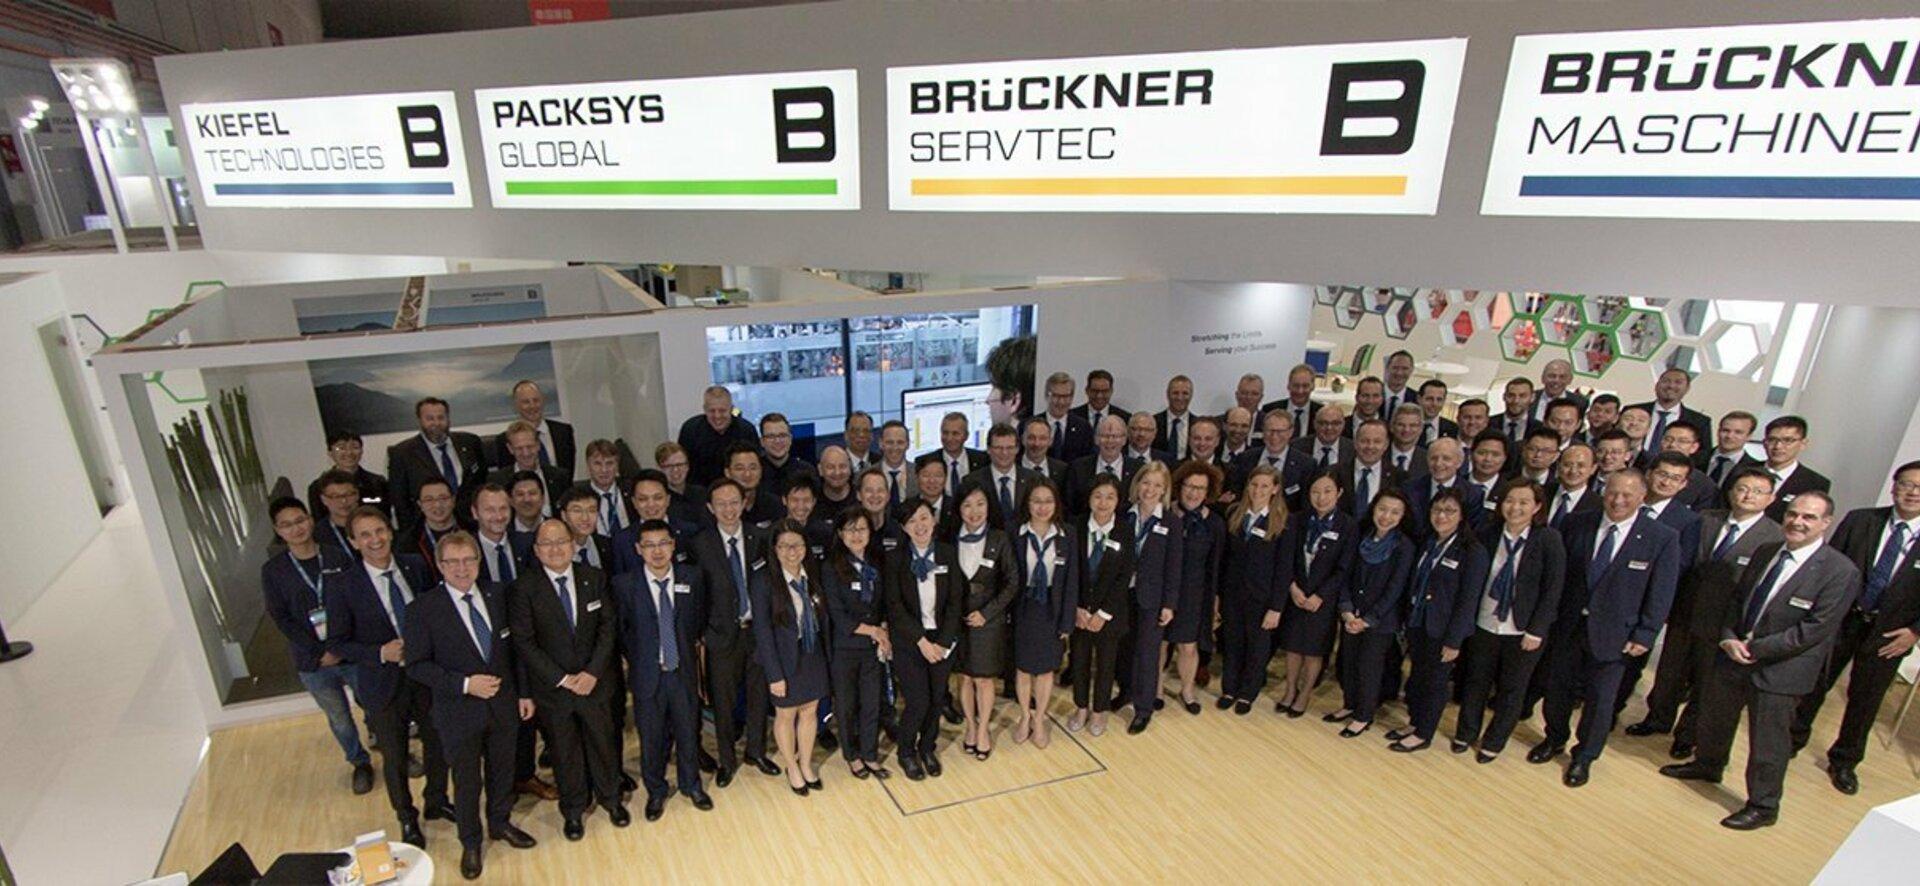 Brückner Servtec: Events